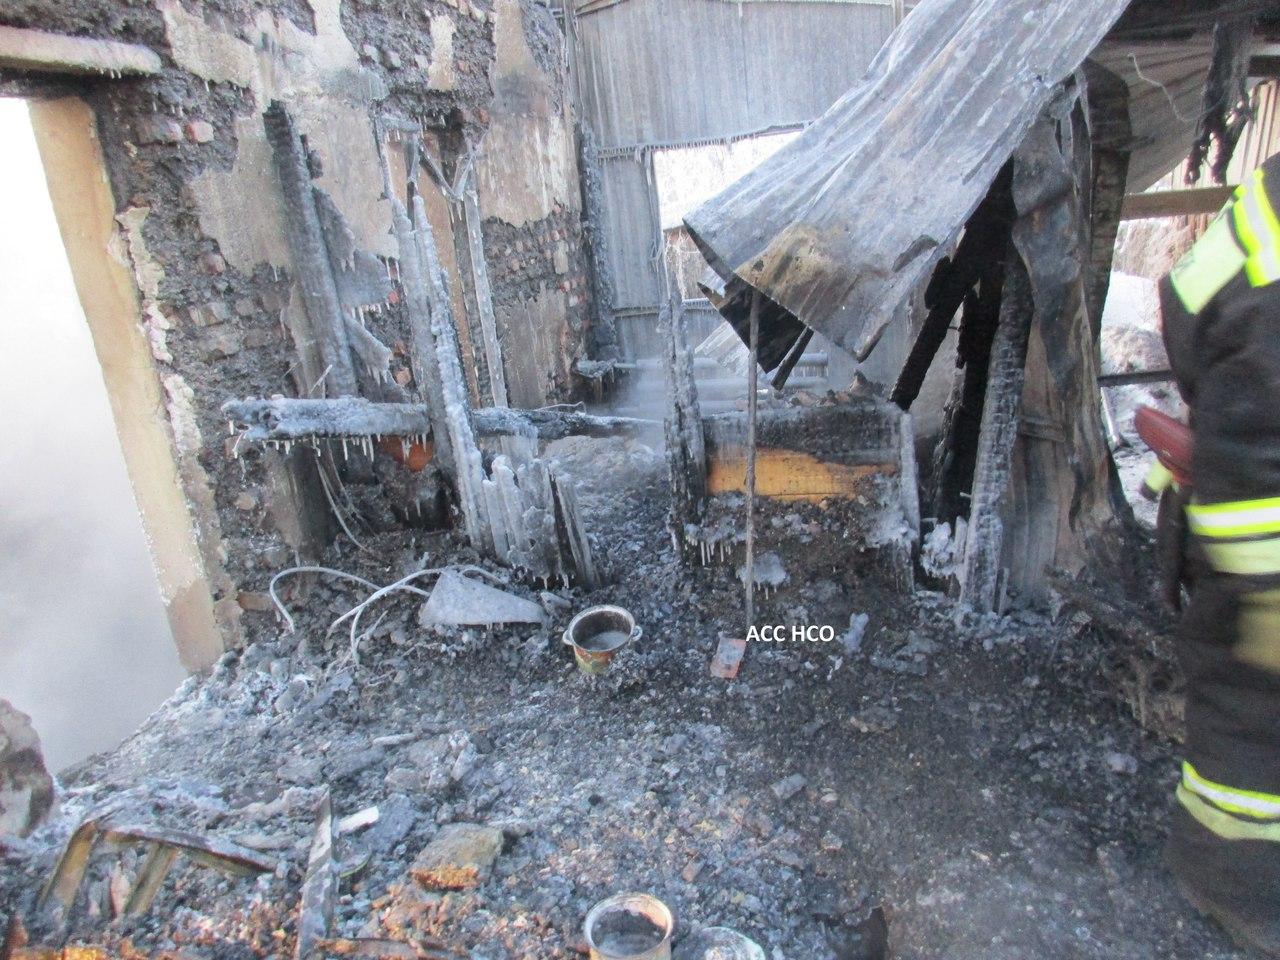 ВКуйбышеве мужчина умер из-за взрыва газа вдоме наОктябрьской